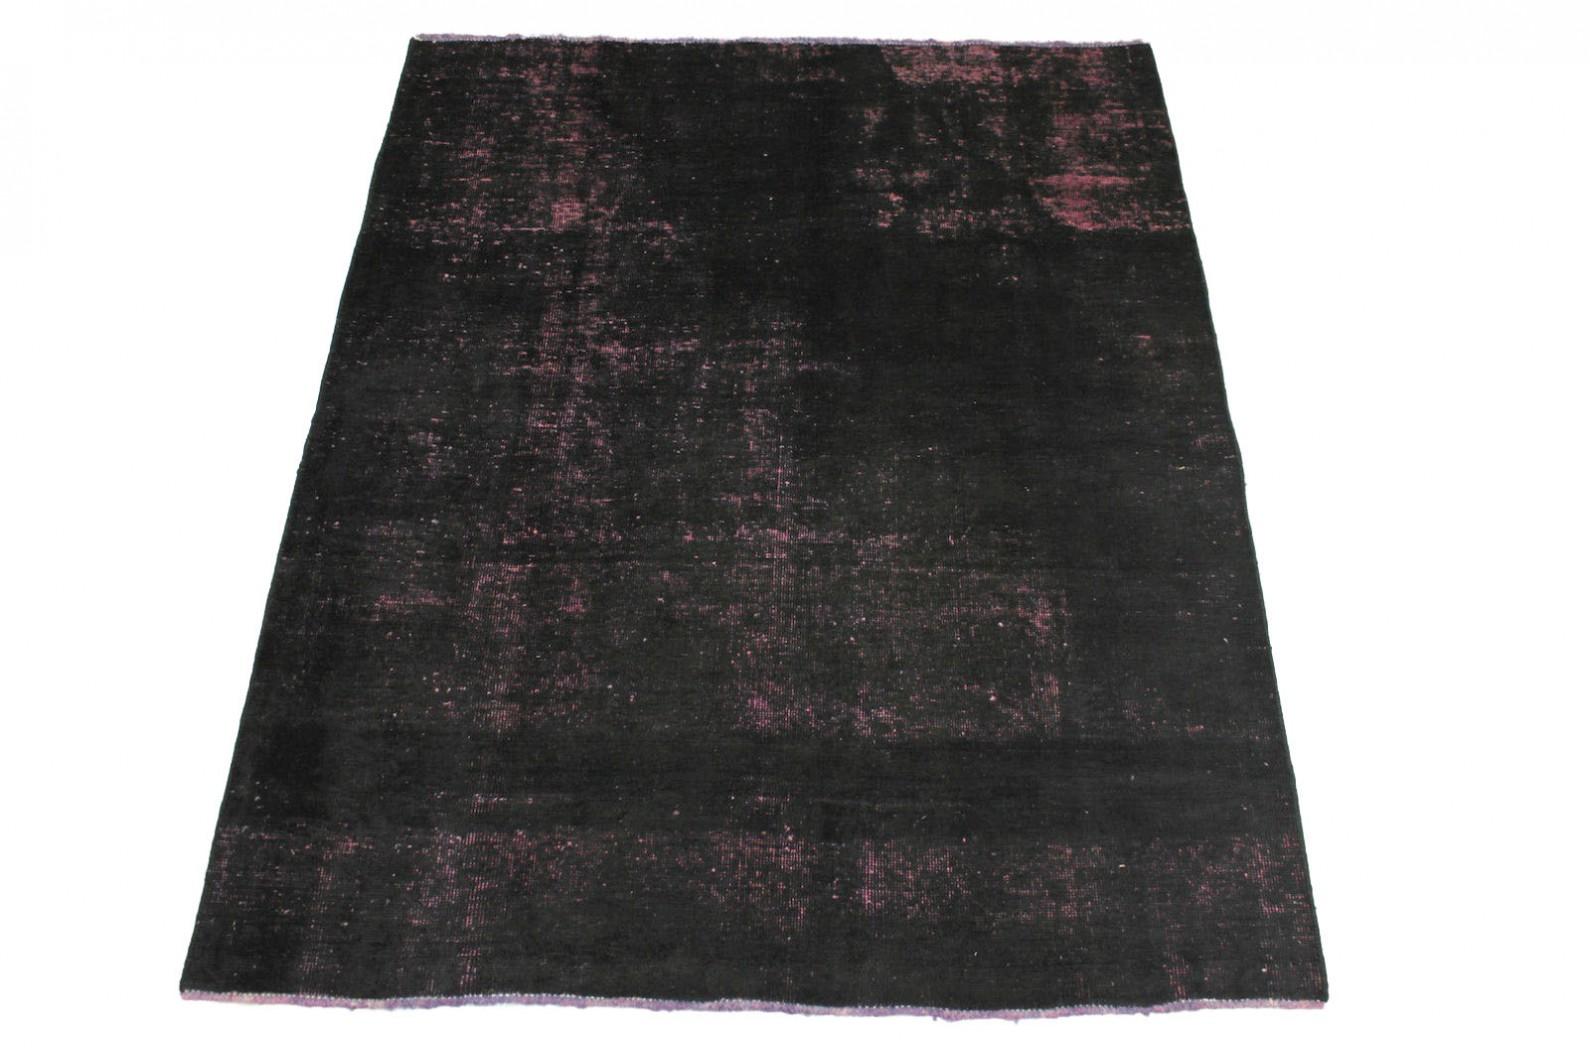 vintage teppich schwarz rosa in 190x150cm 1001 2830 bei kaufen. Black Bedroom Furniture Sets. Home Design Ideas